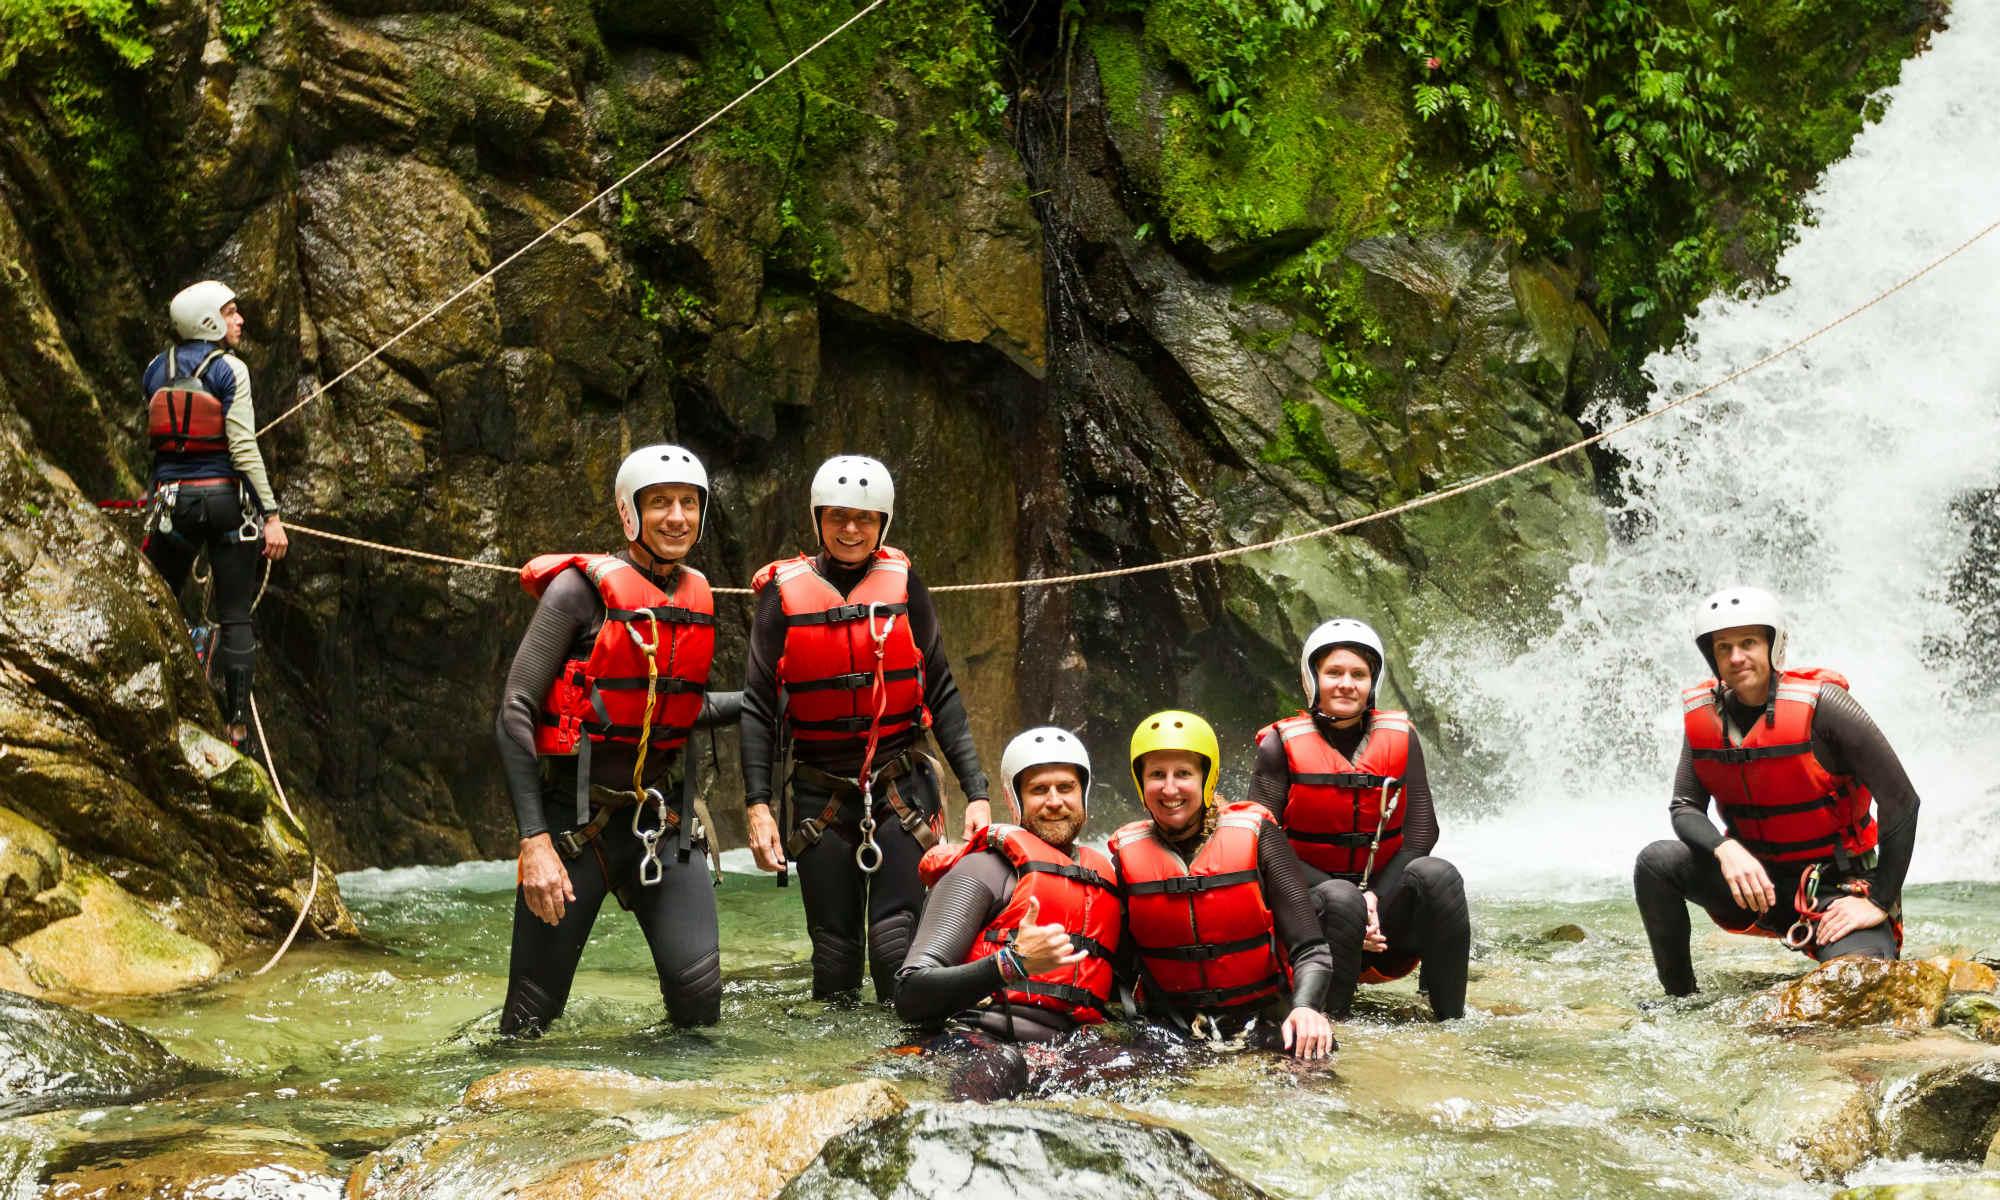 Eine Gruppe während einer Canyoning Tour vor einem Wasserfall.